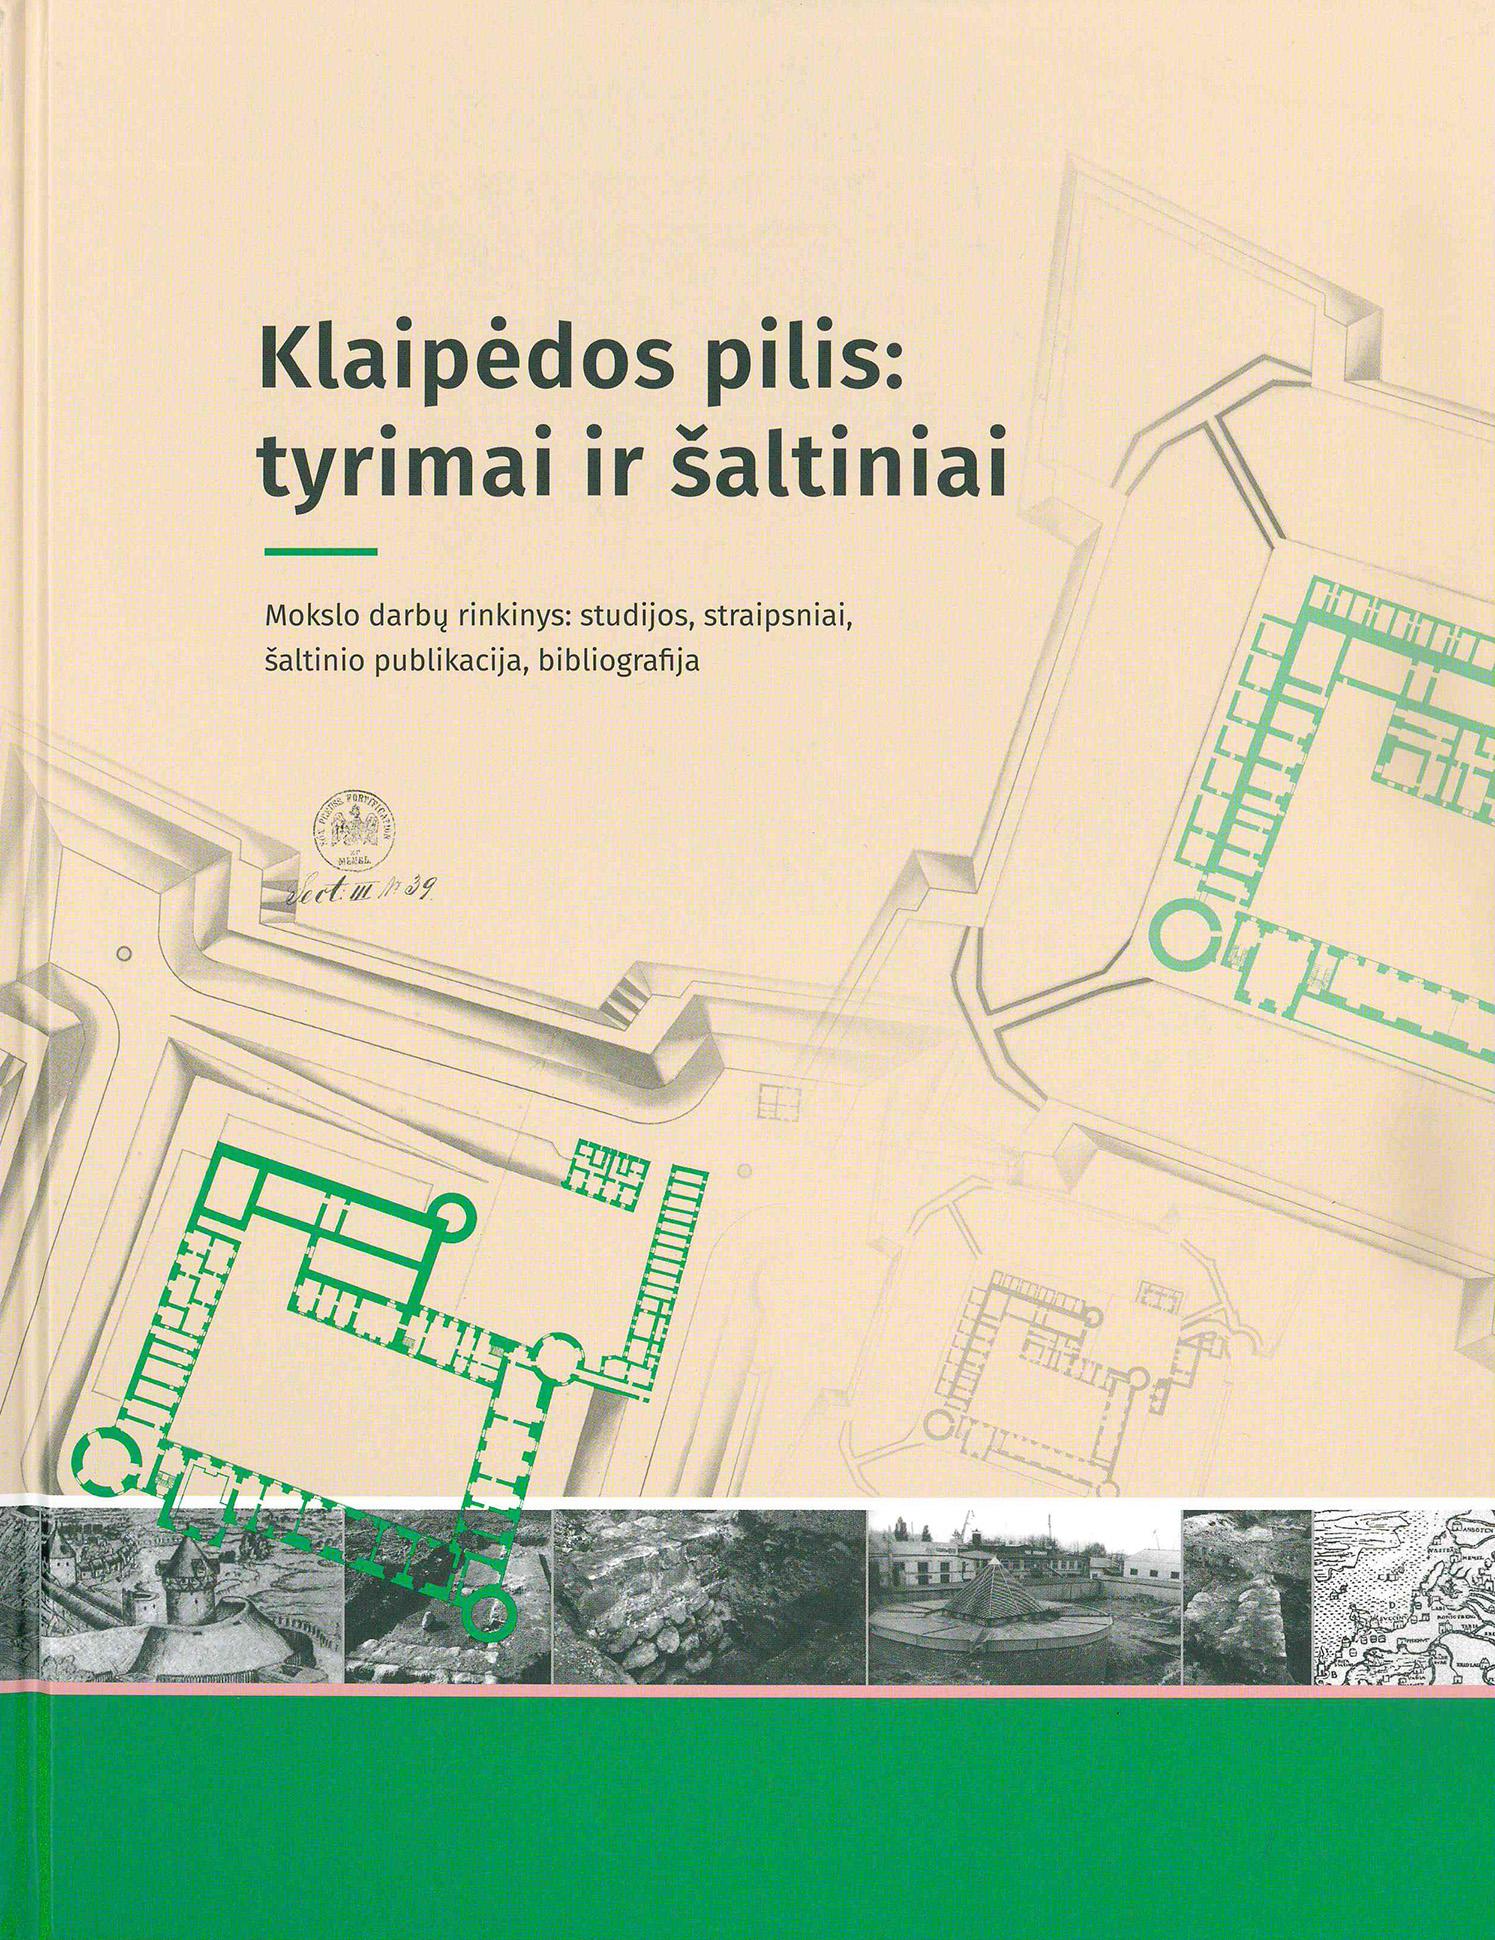 Bus pristatytas išskirtinis leidinys apie Klaipėdos pilį | Mažosios Lietuvos istorijos muziejaus nuotr.